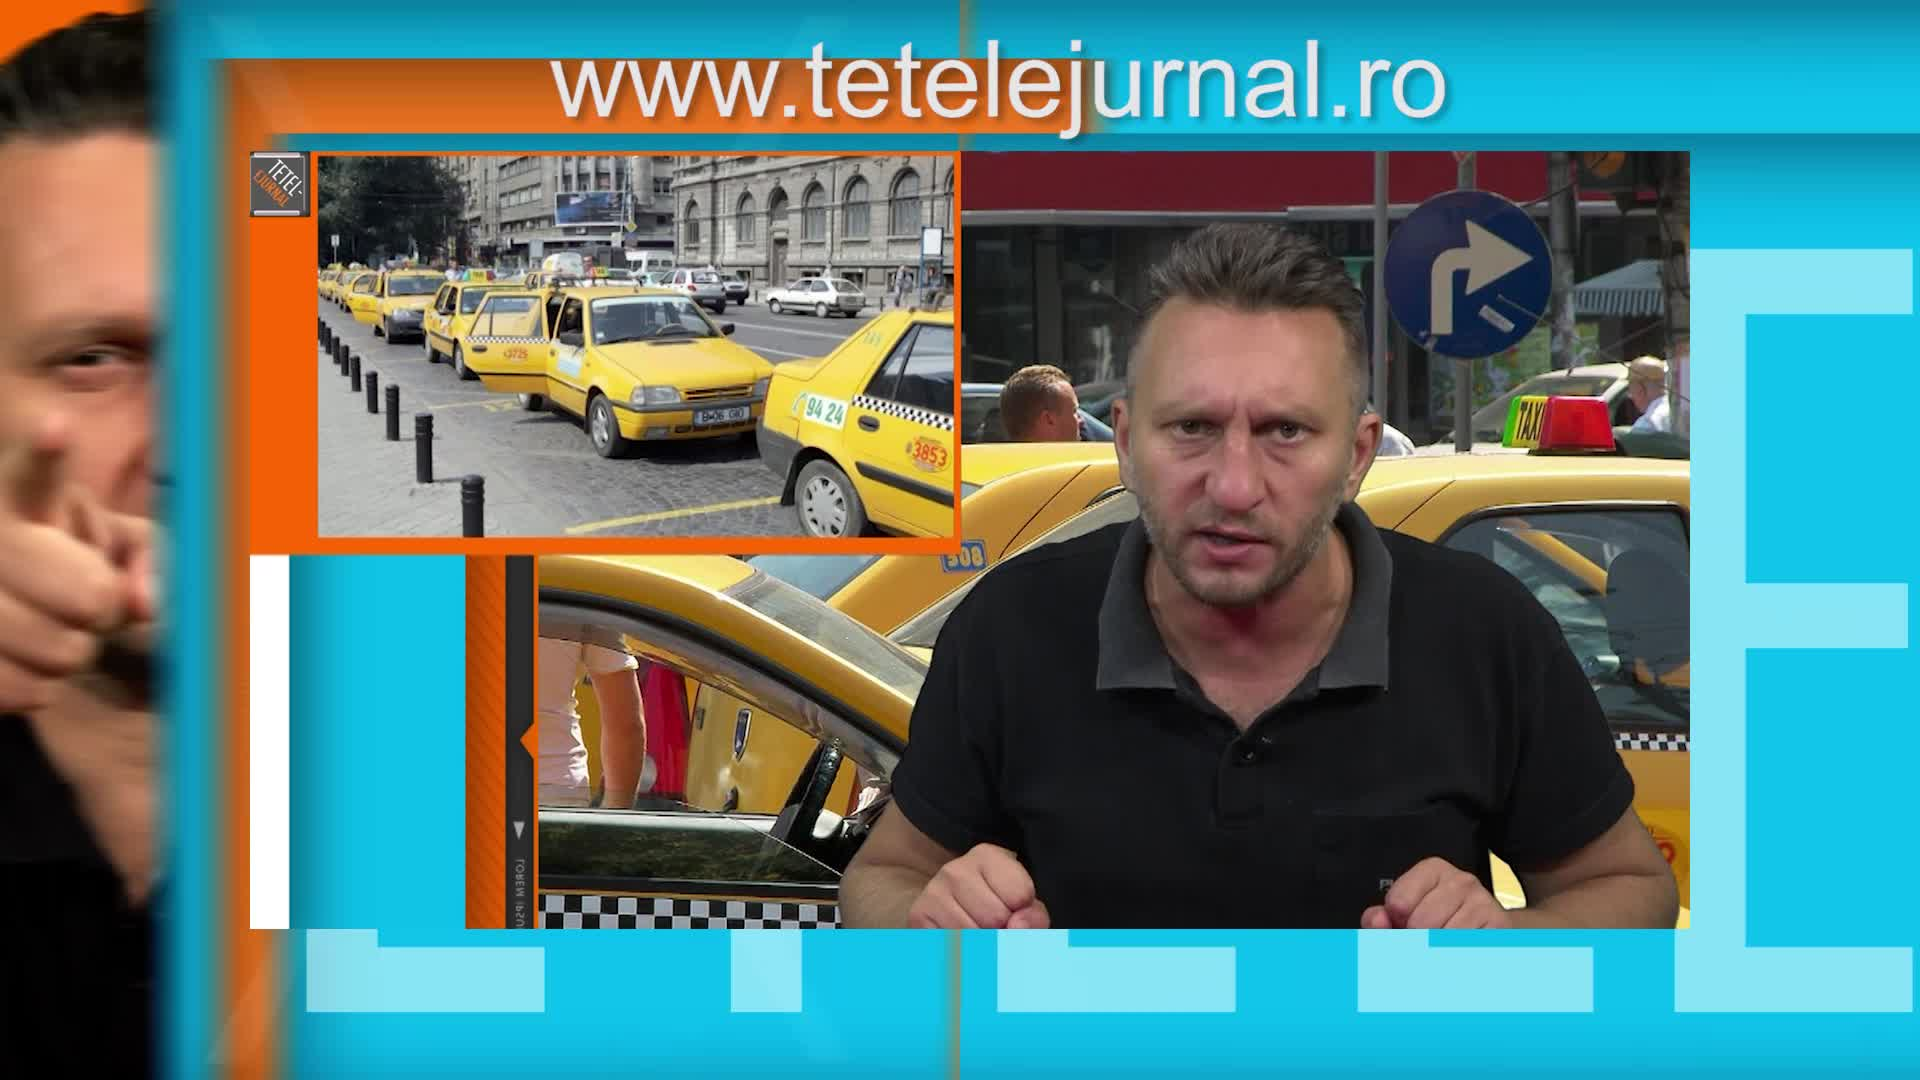 Perla lui Tetelu: Nesimtirea taximetriştilor